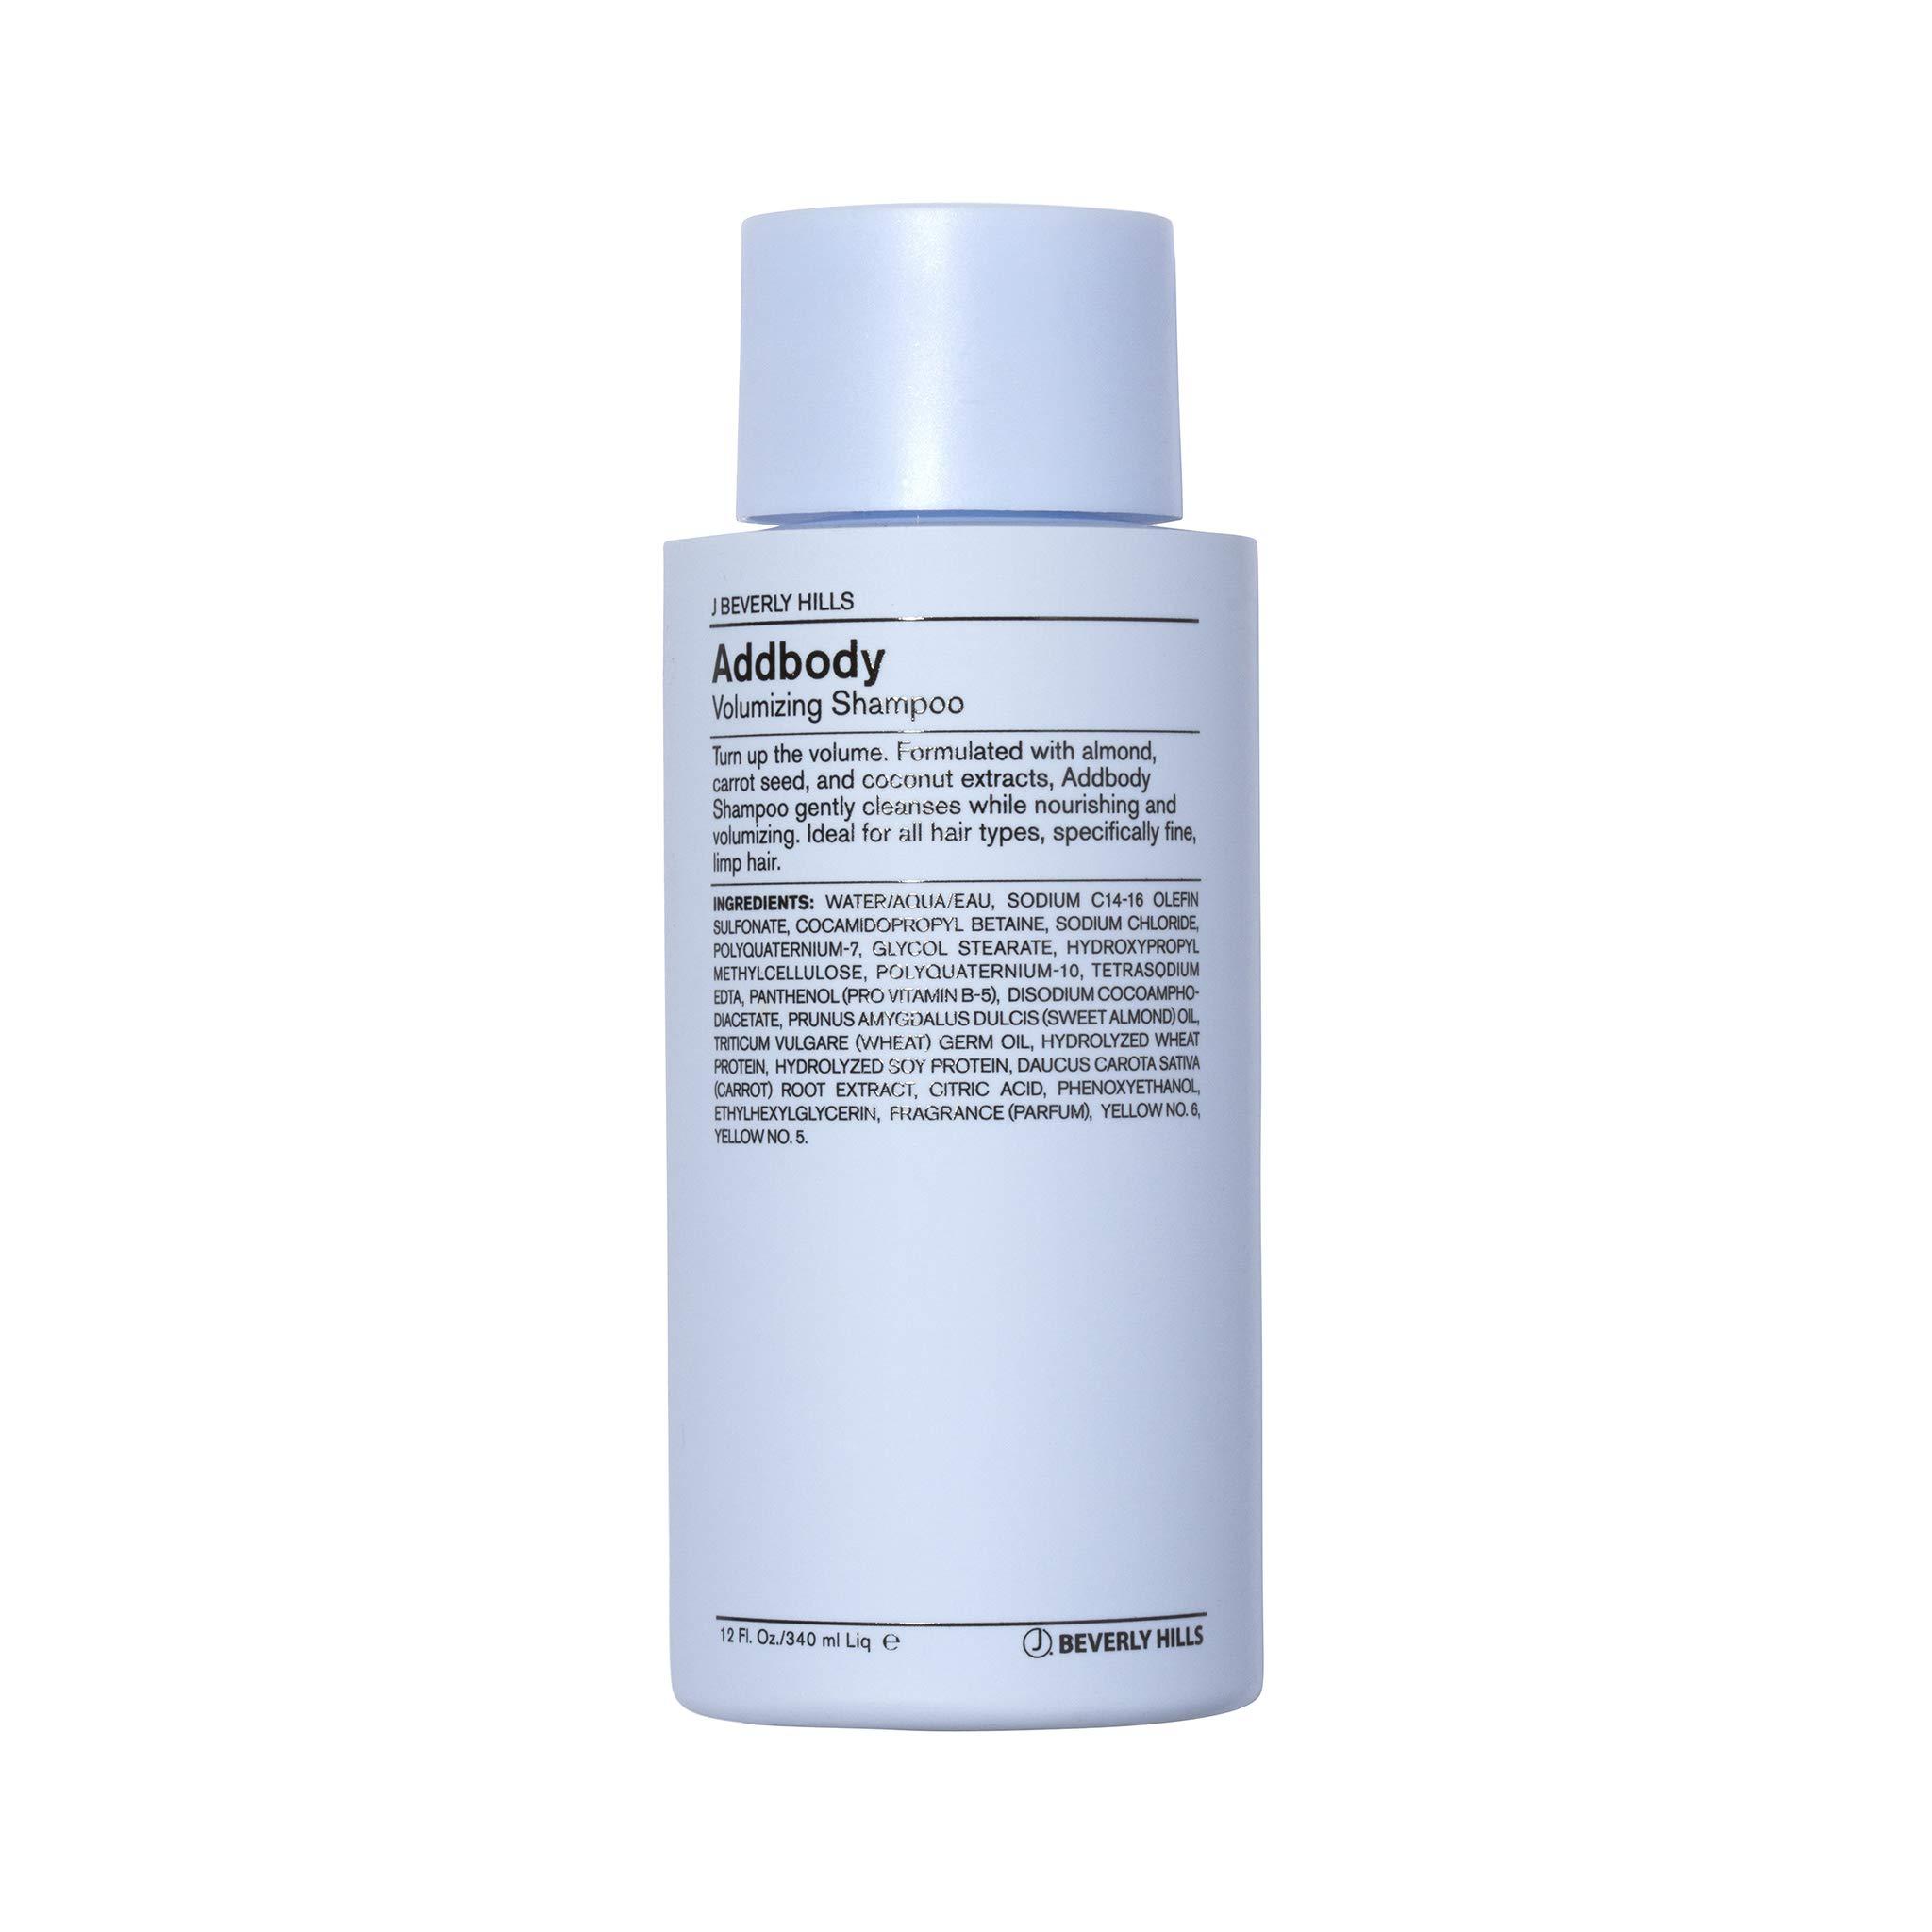 J Beverly Hills Blue Addbody Shampoo, Volumizing Shampoo, 12 oz Bottle